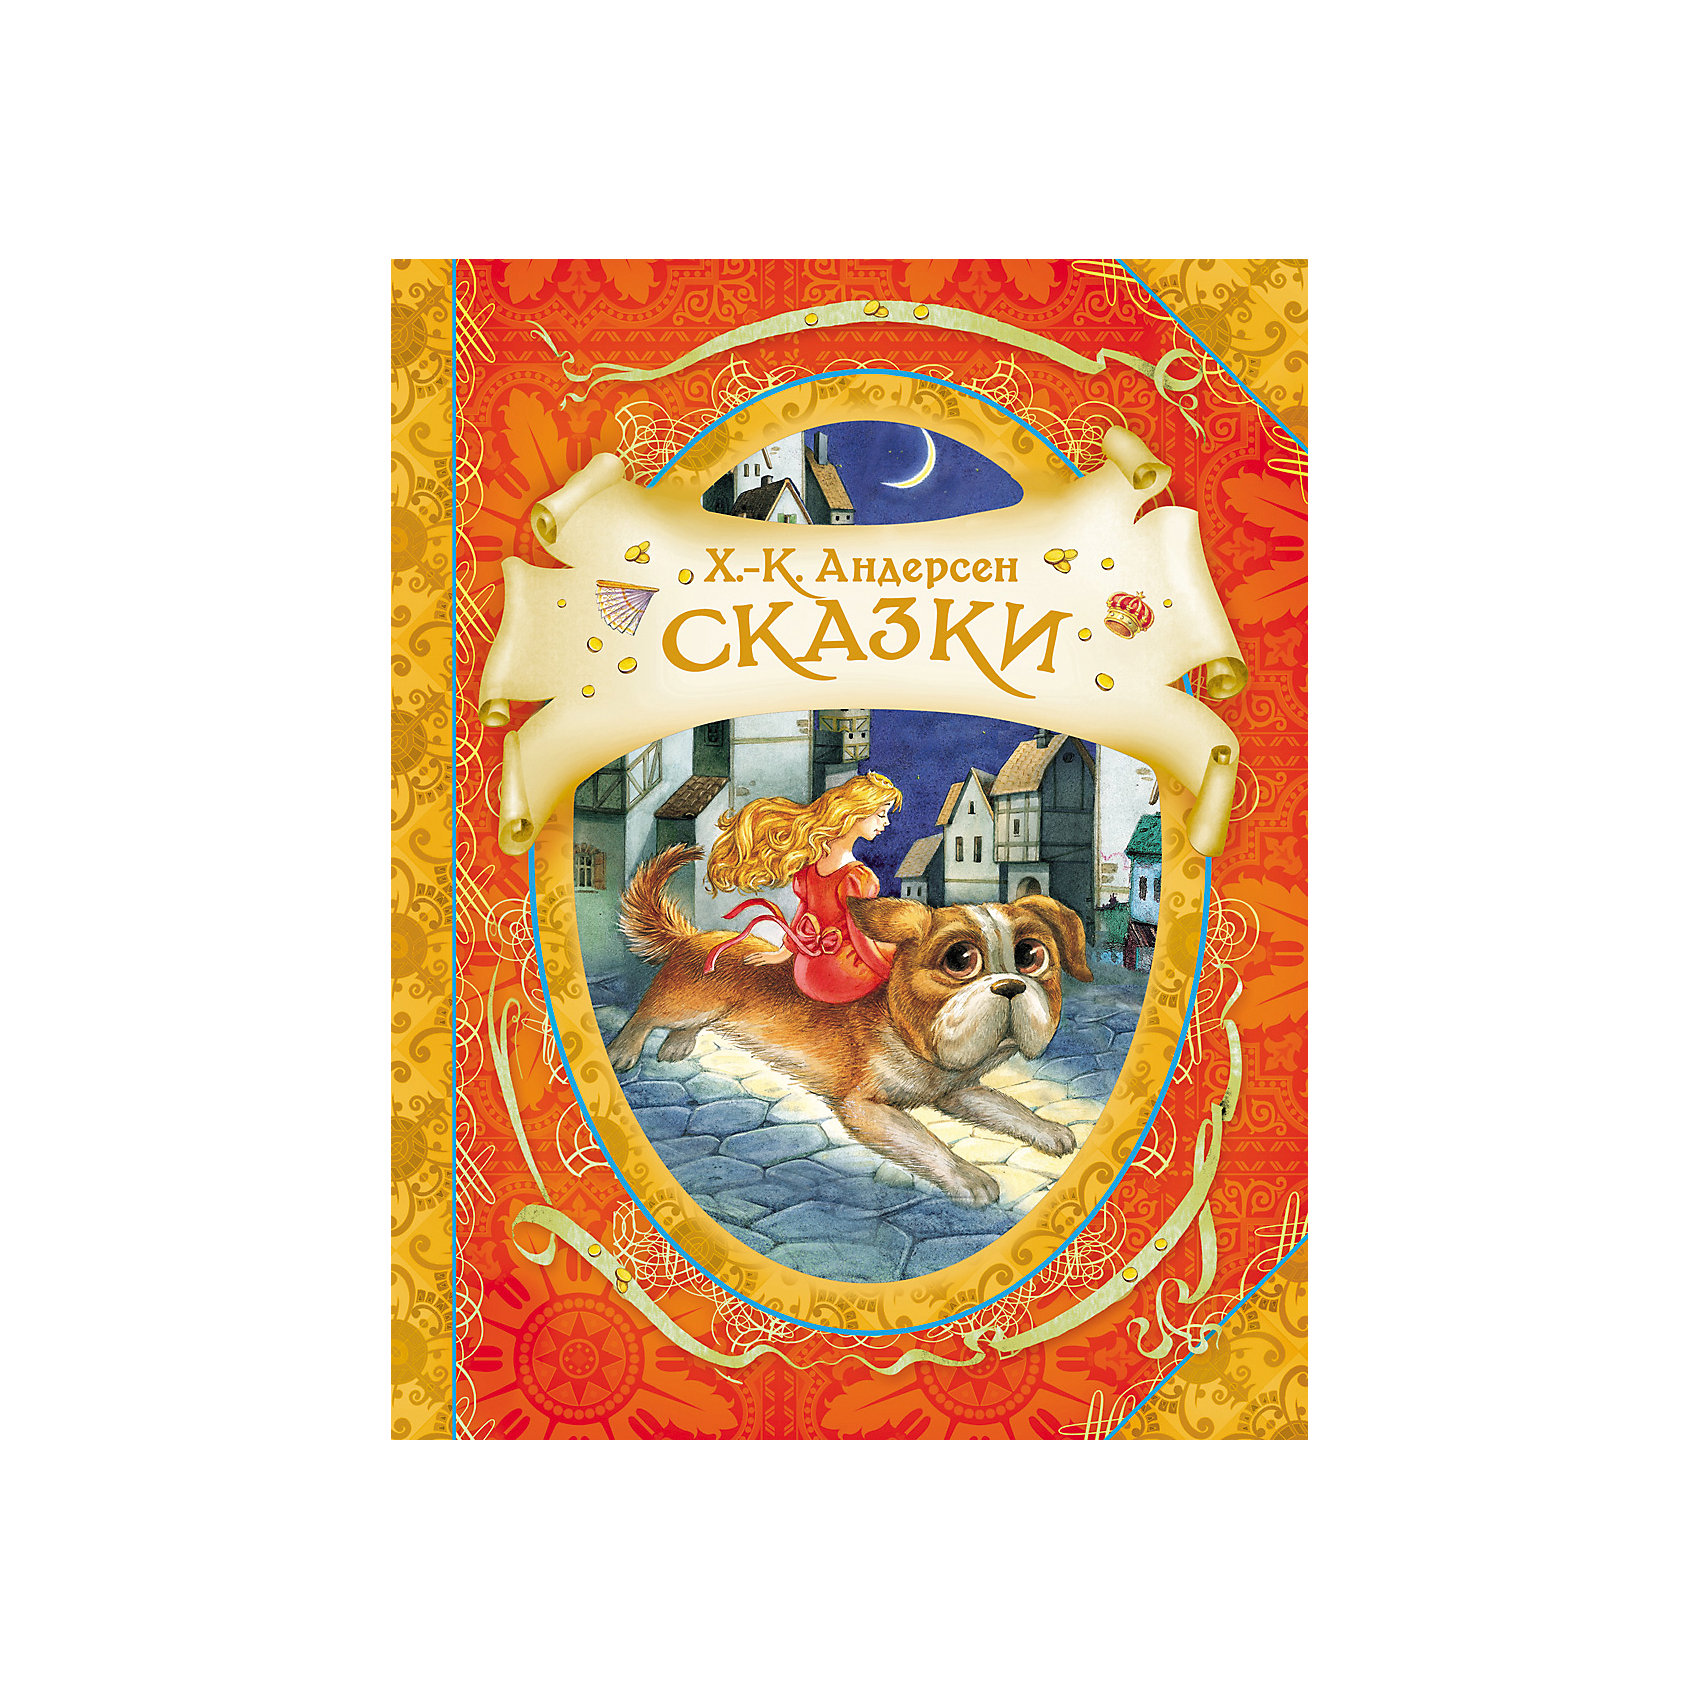 Сказки, Х.-К. АндерсенВ книгу вошли самые известные и любимые произведения великого сказочника: «Огниво»,  «Дюймовочка», «Гадкий утёнок»,  «Свинопас», «Новое платье короля», «Снежная королева». &#13;<br>Тексты издаются без сокращений в классических переводах А. Ганзен, Т. Габбе, А. Любарской. &#13;<br>Красочные иллюстрации художника-графика, иллюстратора детской книги, участника международных выставок  Елены Звольской. &#13;<br>Сказки Андерсена самобытны и выделяются среди произведений других писателей-сказочников:  его истории и герои не взяты из фольклора, а придуманы им самим. И хотя в сказках много печали и грусти, благодаря их поэтичности и красоте в душе каждого пробуждаются самые тёплые и светлые чувства.<br><br>Ширина мм: 260<br>Глубина мм: 200<br>Высота мм: 5<br>Вес г: 607<br>Возраст от месяцев: 60<br>Возраст до месяцев: 2147483647<br>Пол: Унисекс<br>Возраст: Детский<br>SKU: 4720551